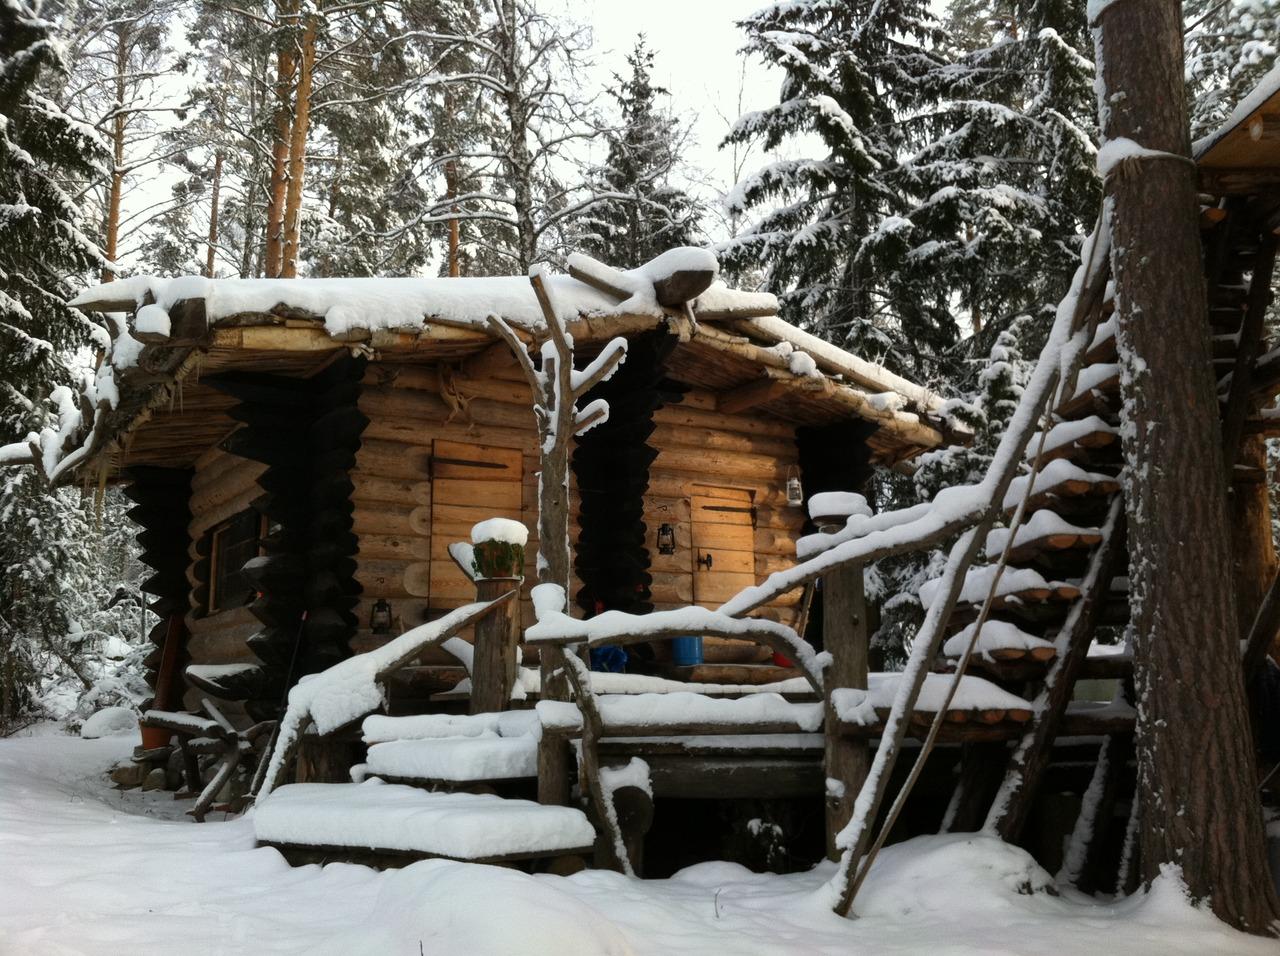 Off-grid log cabin in Sweden handbuilt by Eetu Puurtinen in 2008.